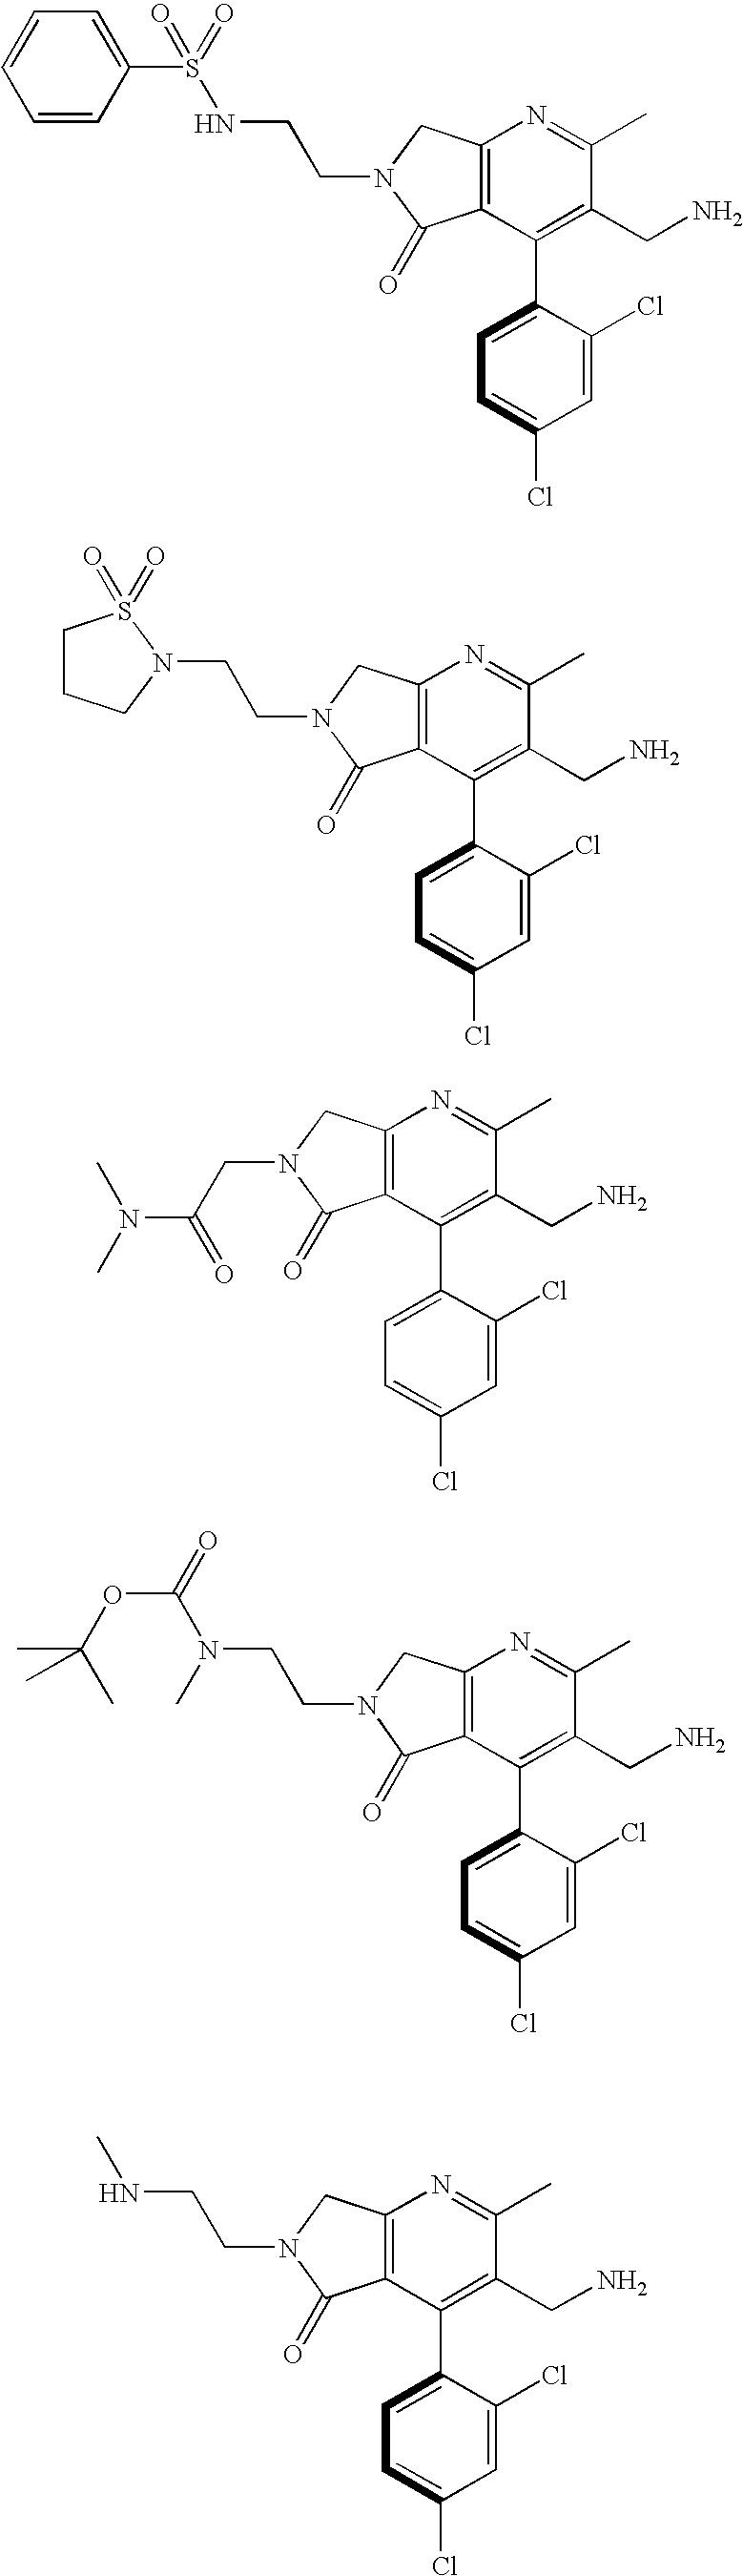 Figure US07521557-20090421-C00025